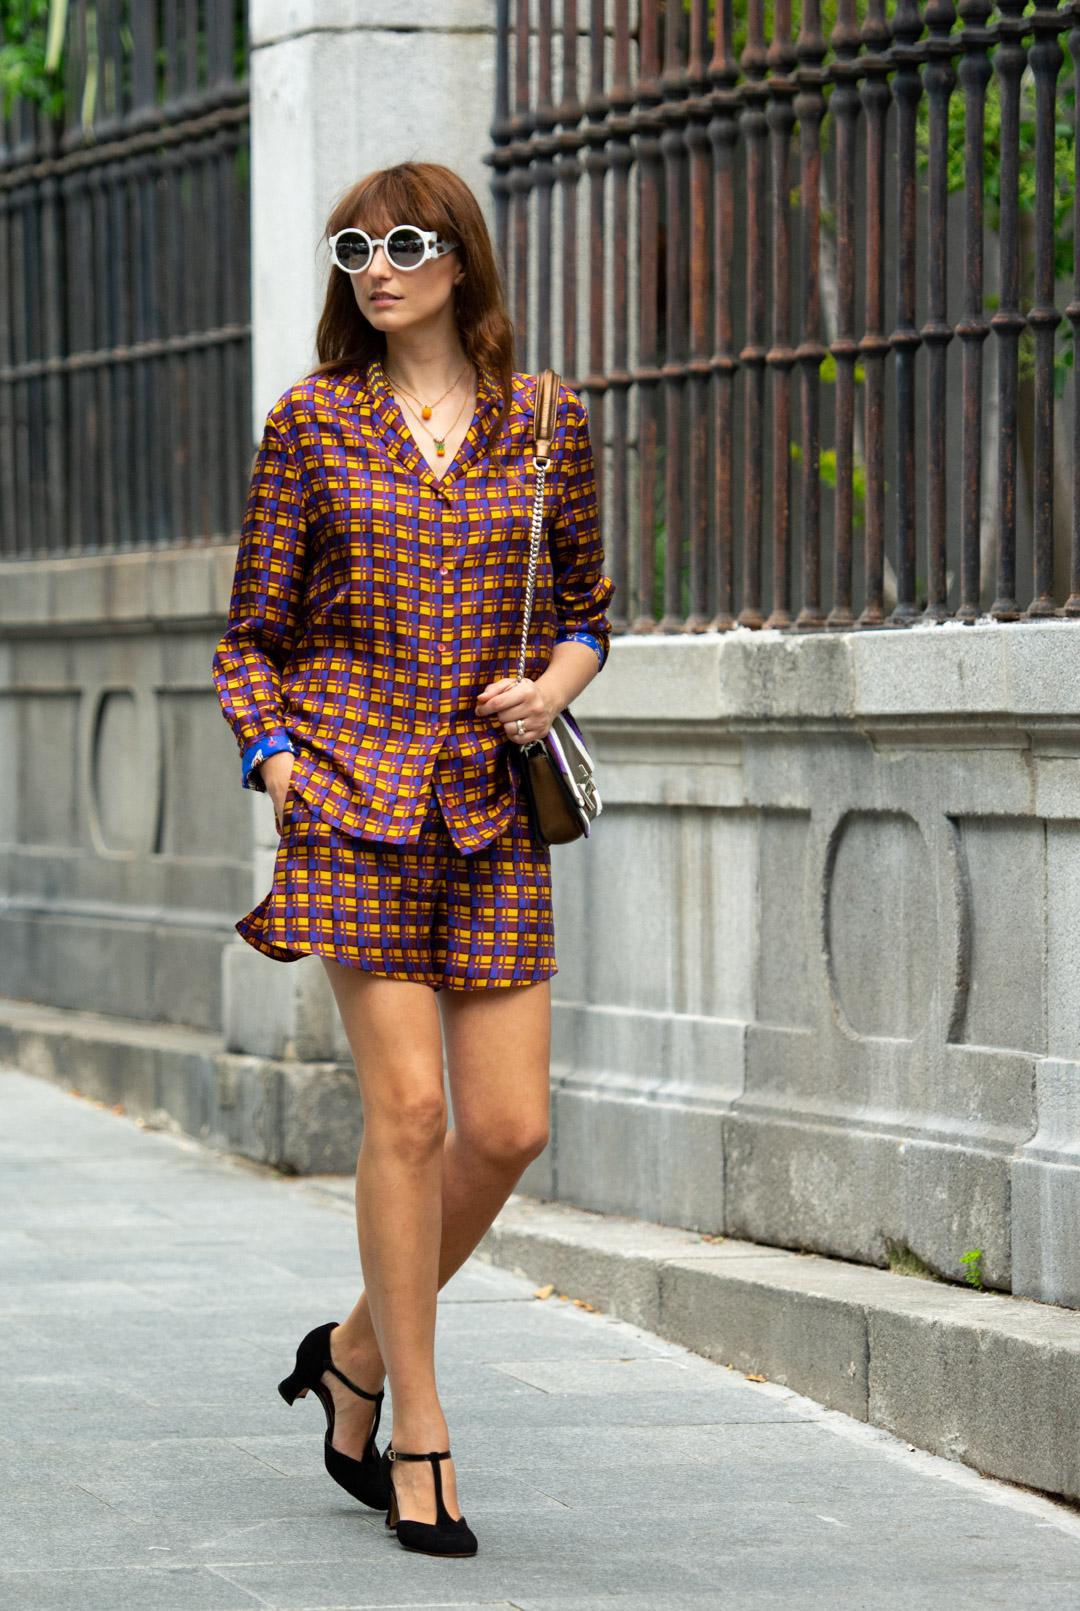 pijama-street-style-mayte-de-la-iglesia-web-01